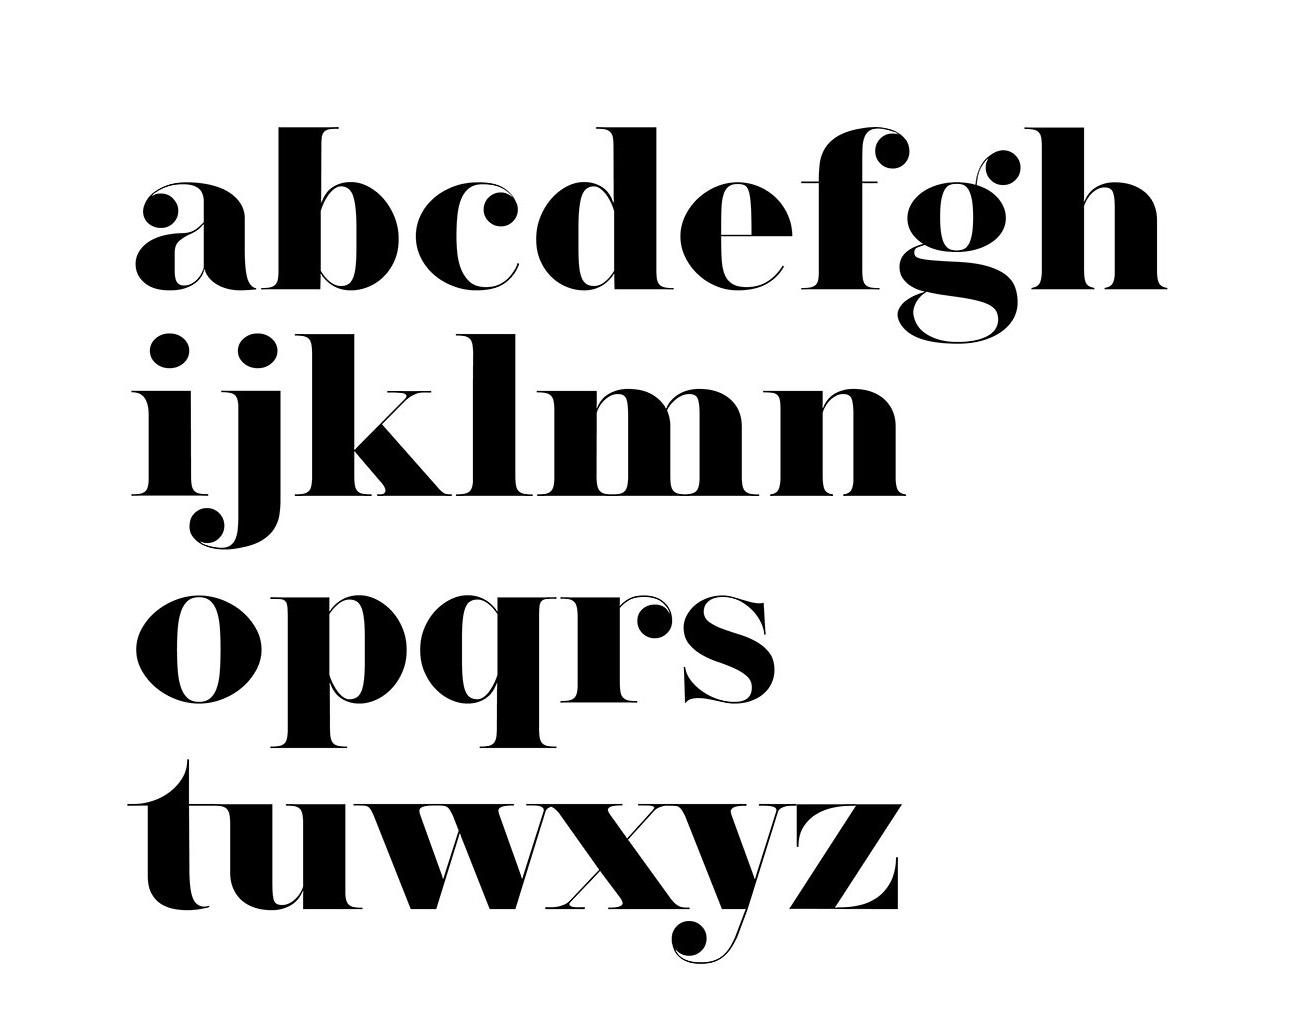 Herbert Typeface - Letters